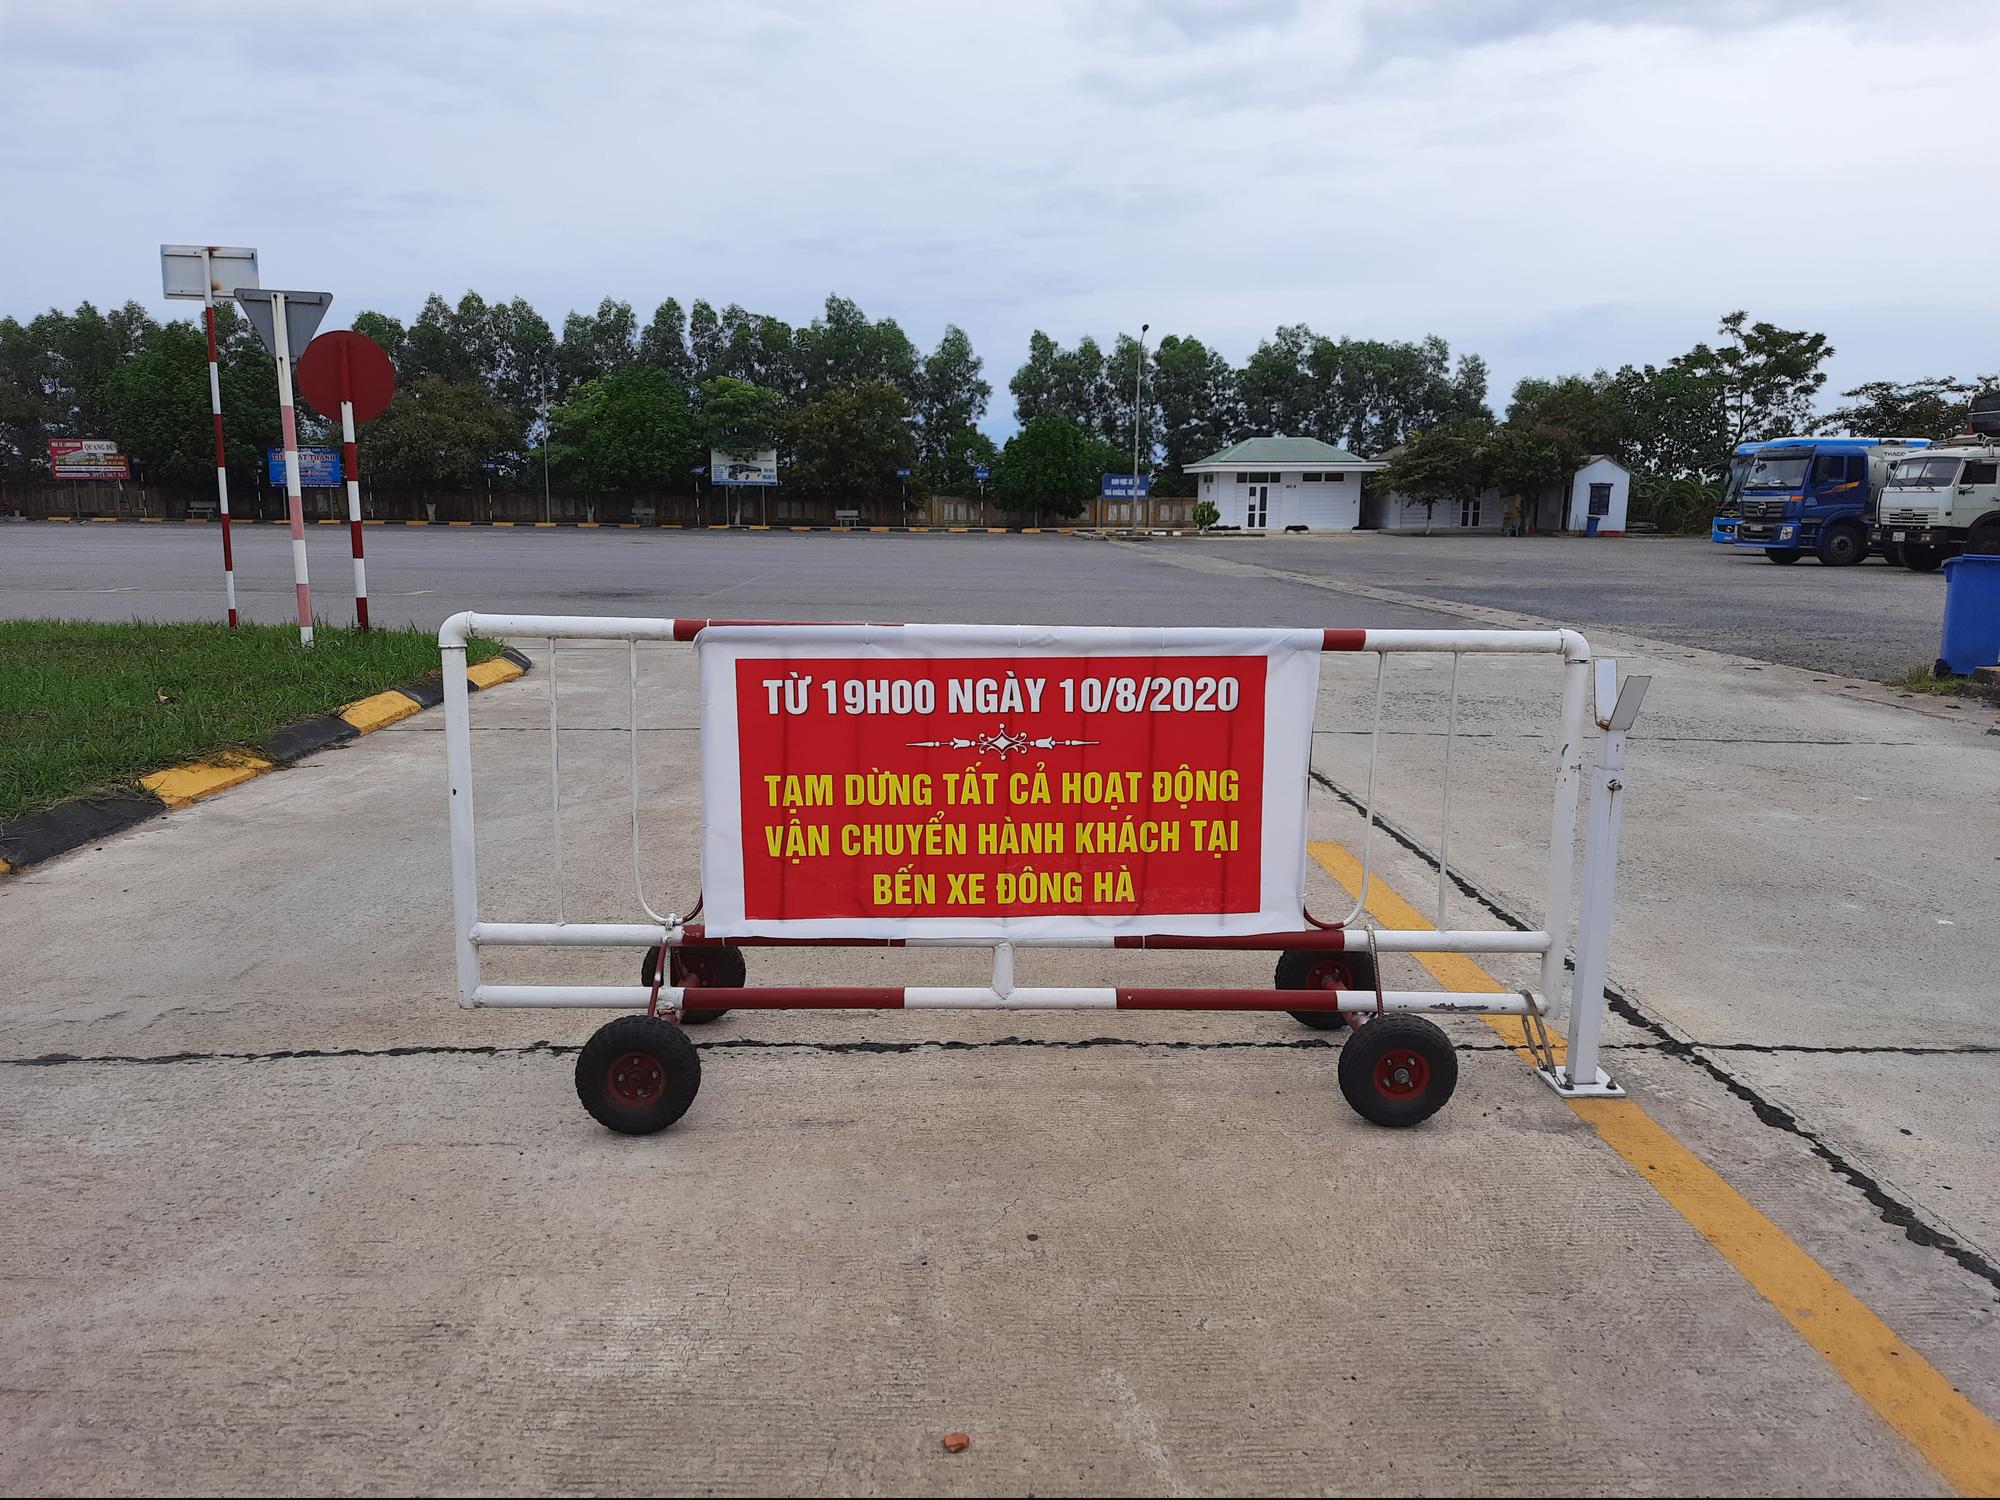 Quảng Trị: Nguy cơ lây lan dịch Covid-19 từ những xe khách hoạt động chui - Ảnh 1.